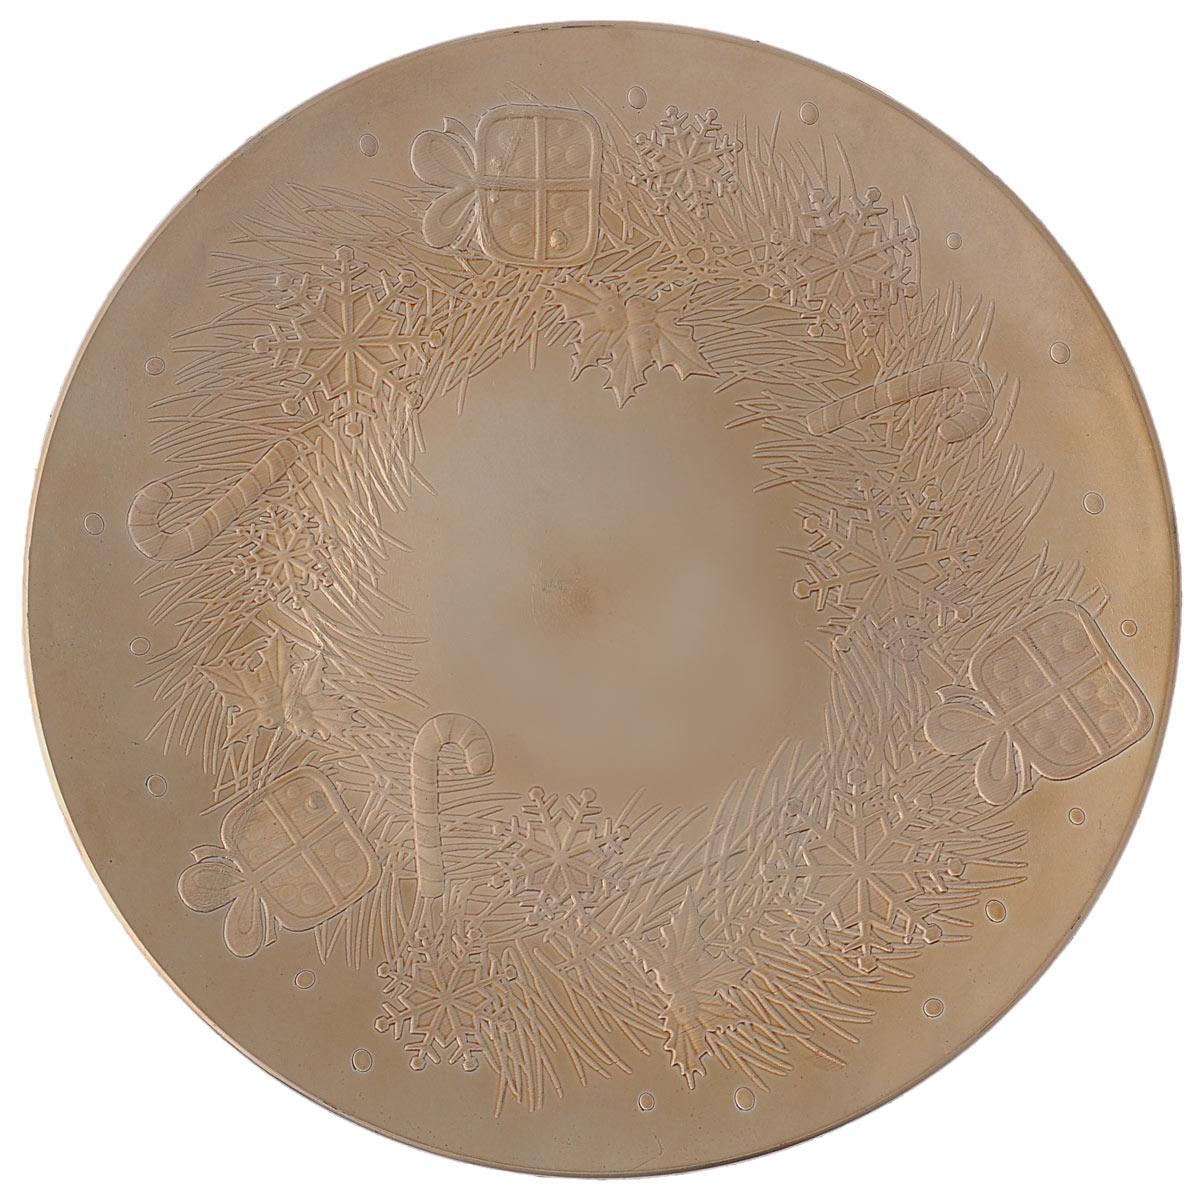 Блюдо Lillo Новогоднее, цвет: золотистый, диаметр 33 см13079 AБлюдо Lillo Новогоднее, выполненное из высококачественного пластика, оформлено объемными изображениями в виде подарков и снежинок. Блюдо Lillo Новогоднее доставит истинное удовольствие ценителям прекрасного. Яркий дизайн, несомненно придется вам по вкусу. Диаметр: 33 см. Высота стенки: 2 см.